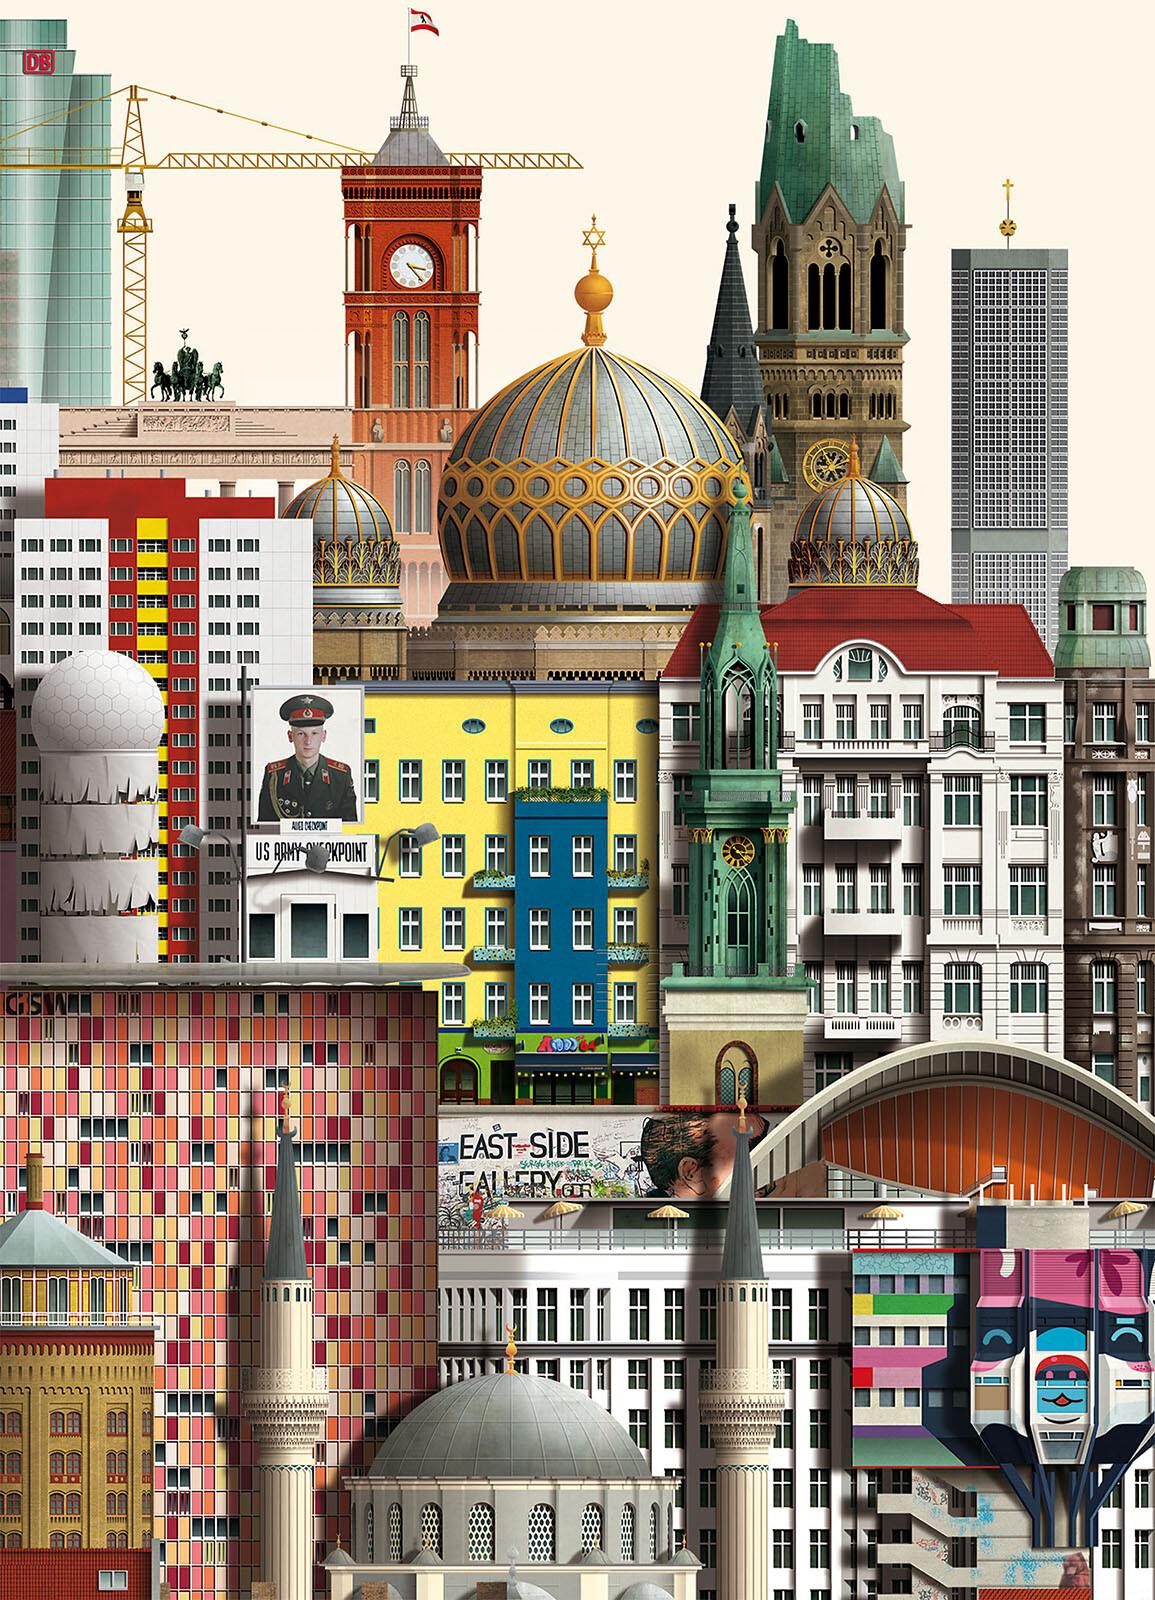 Berlin II - Martin Schwartz